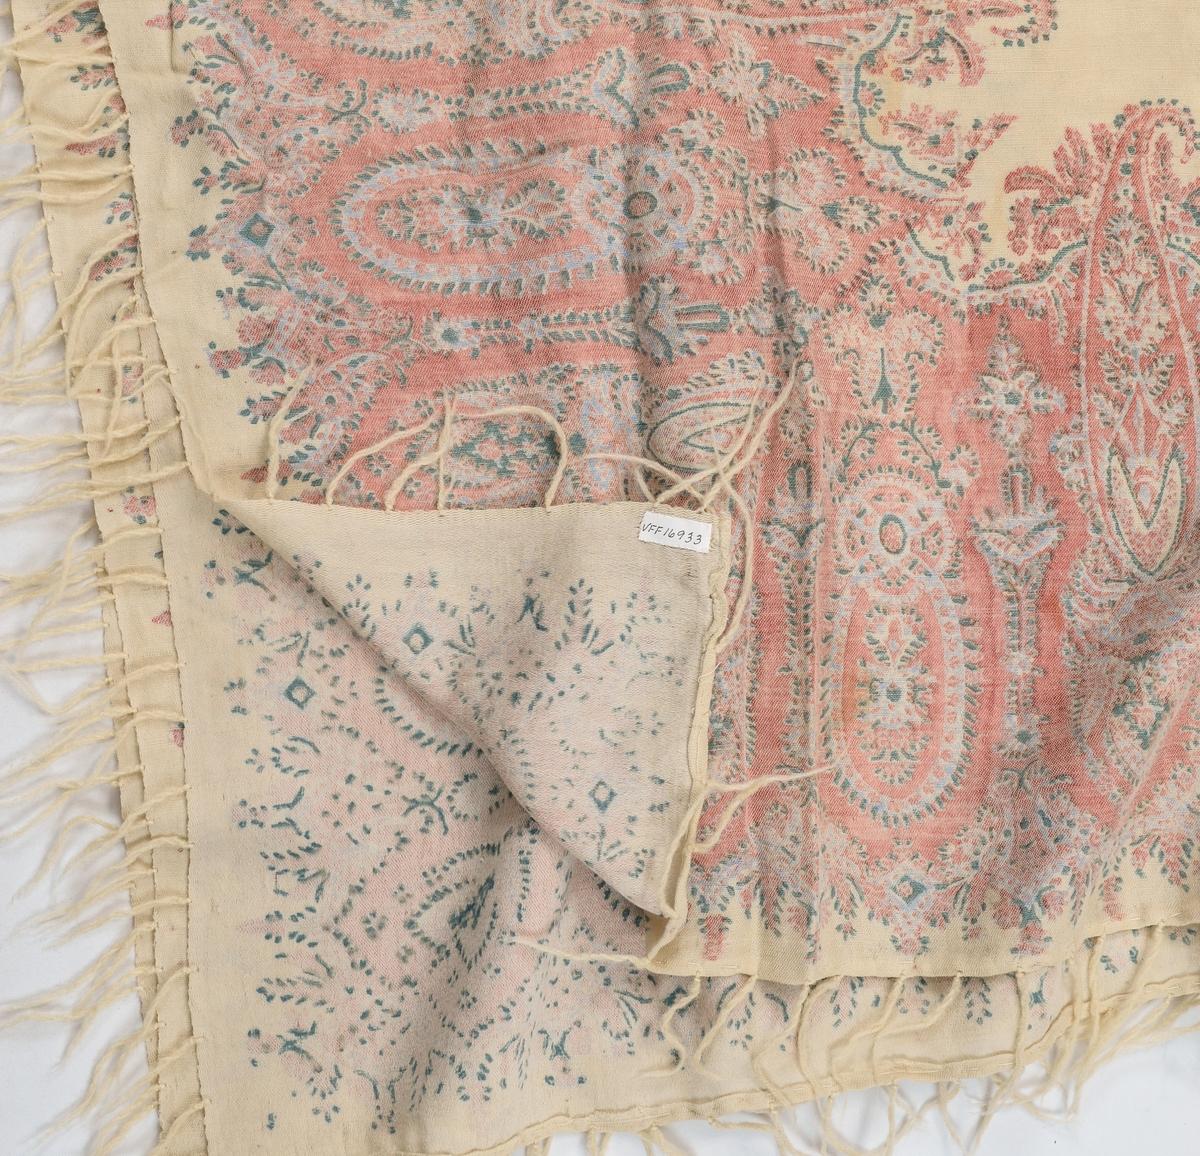 Sjal i gulkvit ullmusselin med trykt mønter, for det meste i rosa. Påsette kvite ullfrynser. Tverrendane er falda med tråklesting, to sider har jarekantar.